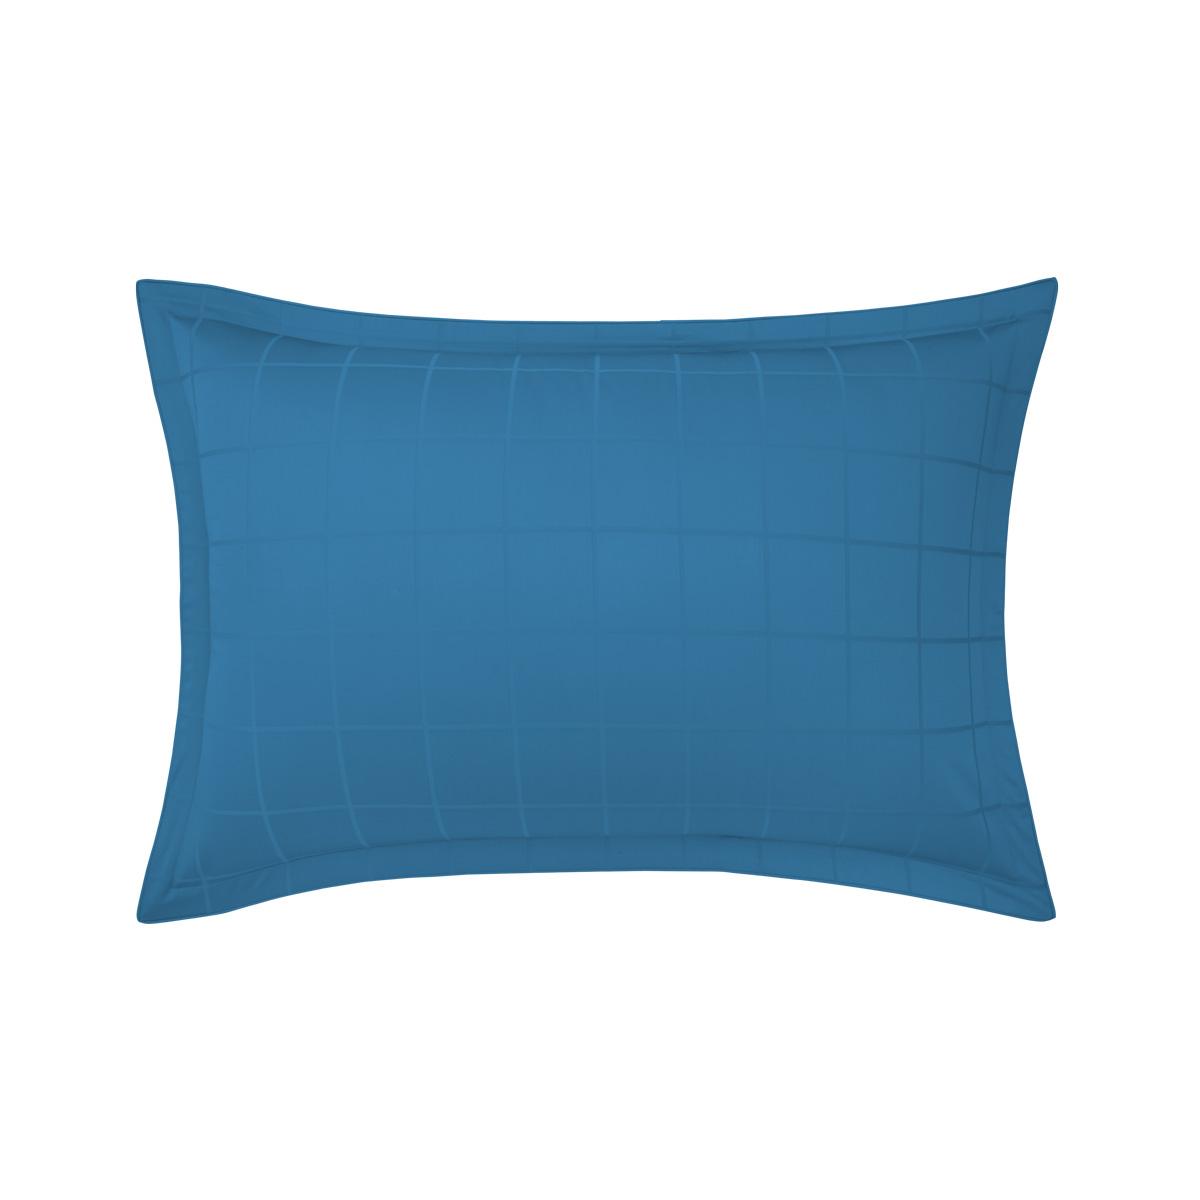 Taie d'oreiller satin Bleu 50 x 75 cm